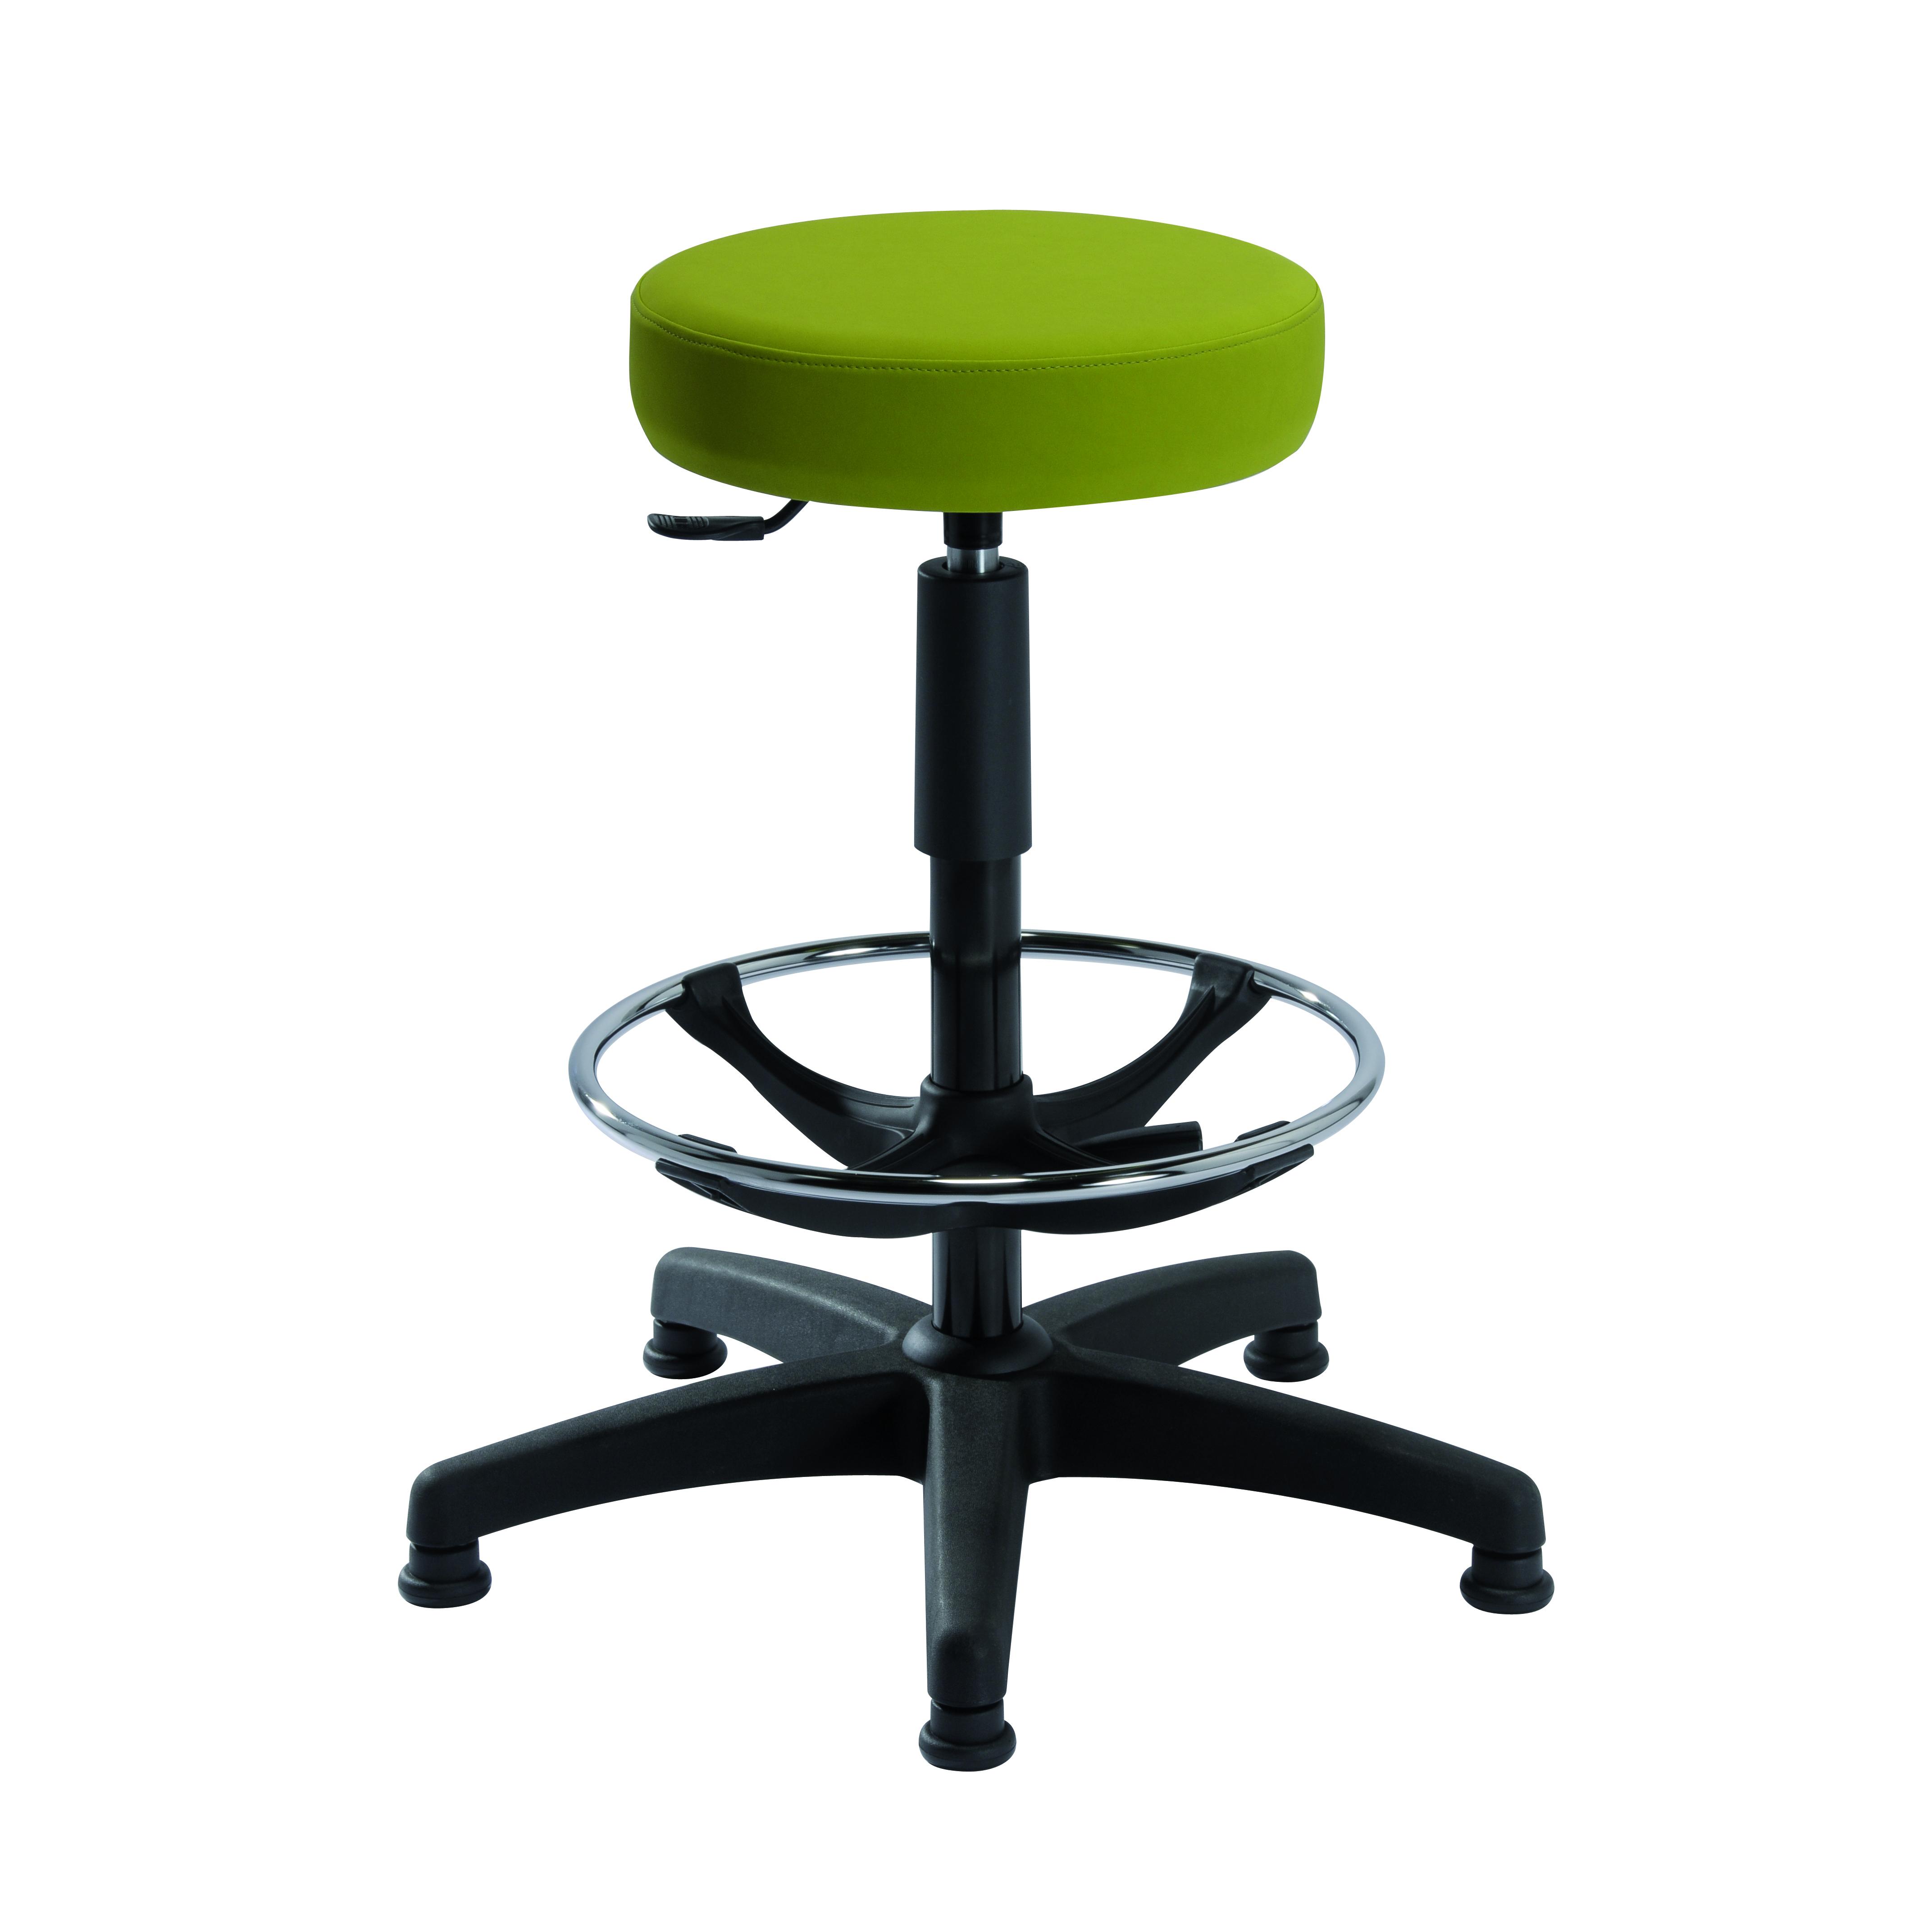 Tabouret TOURS avec repose-pieds de siegepro.com disponible avec une assise standard ou bien une assise confort